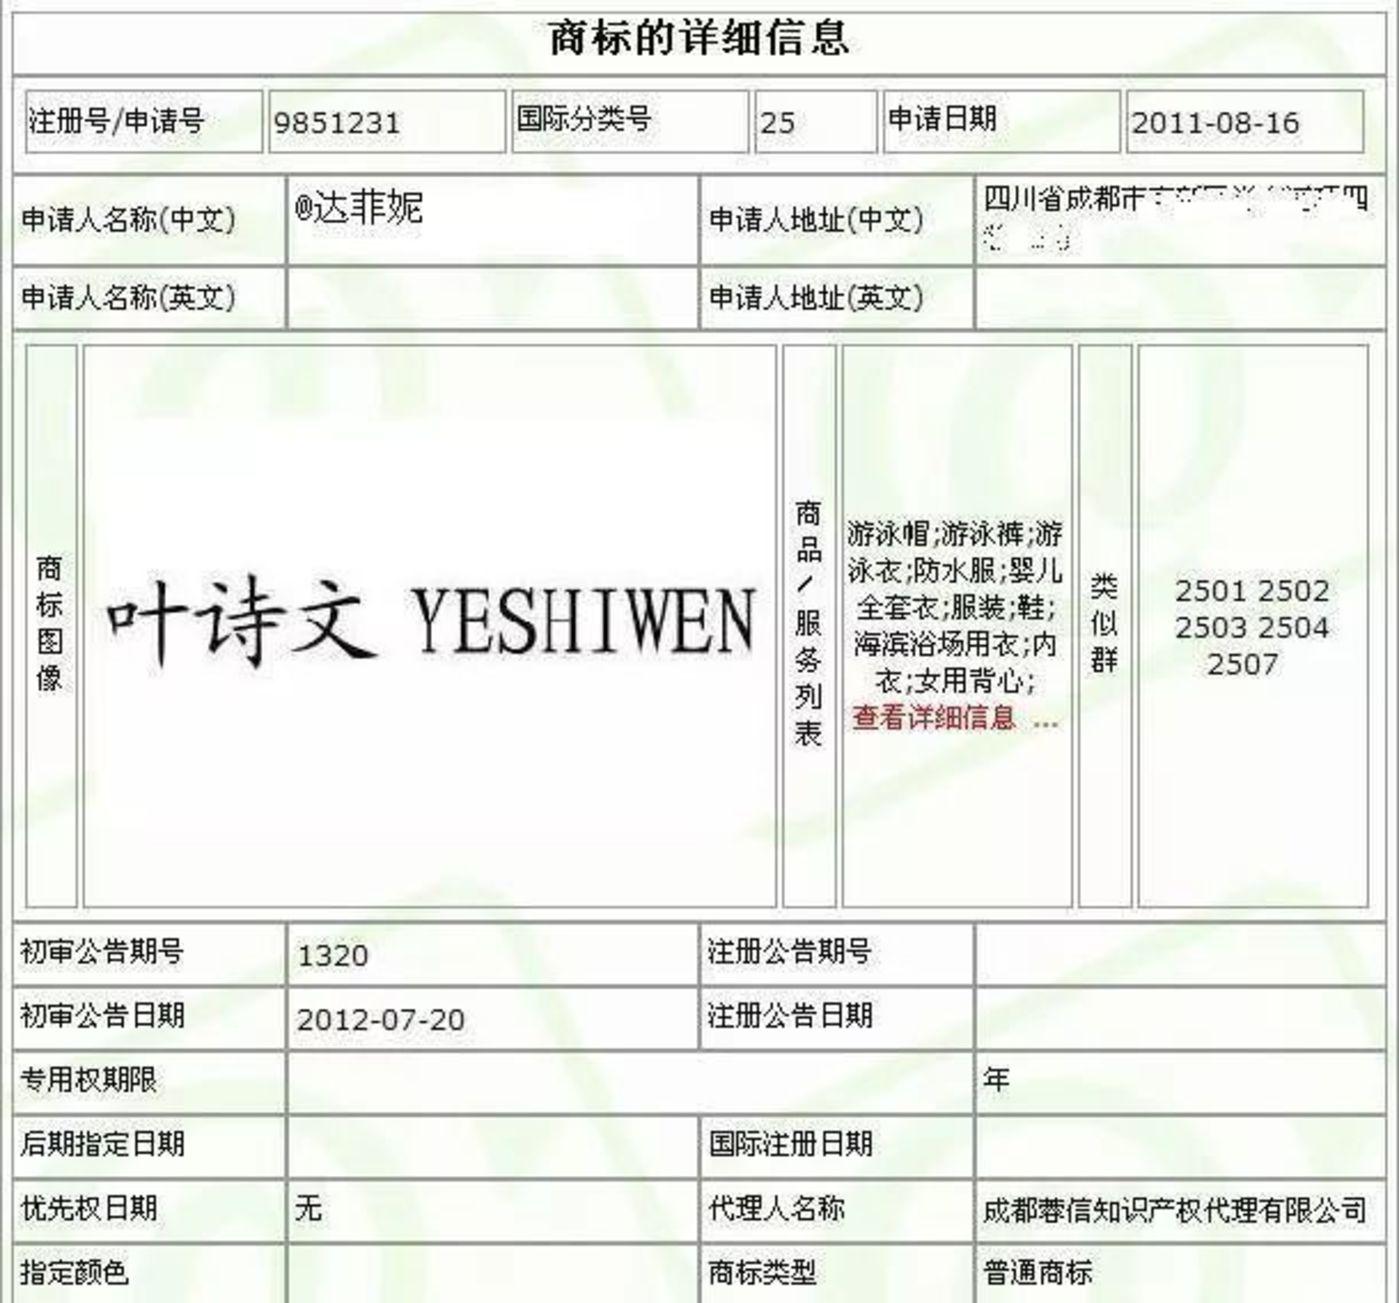 叶诗文商标2011年被注册